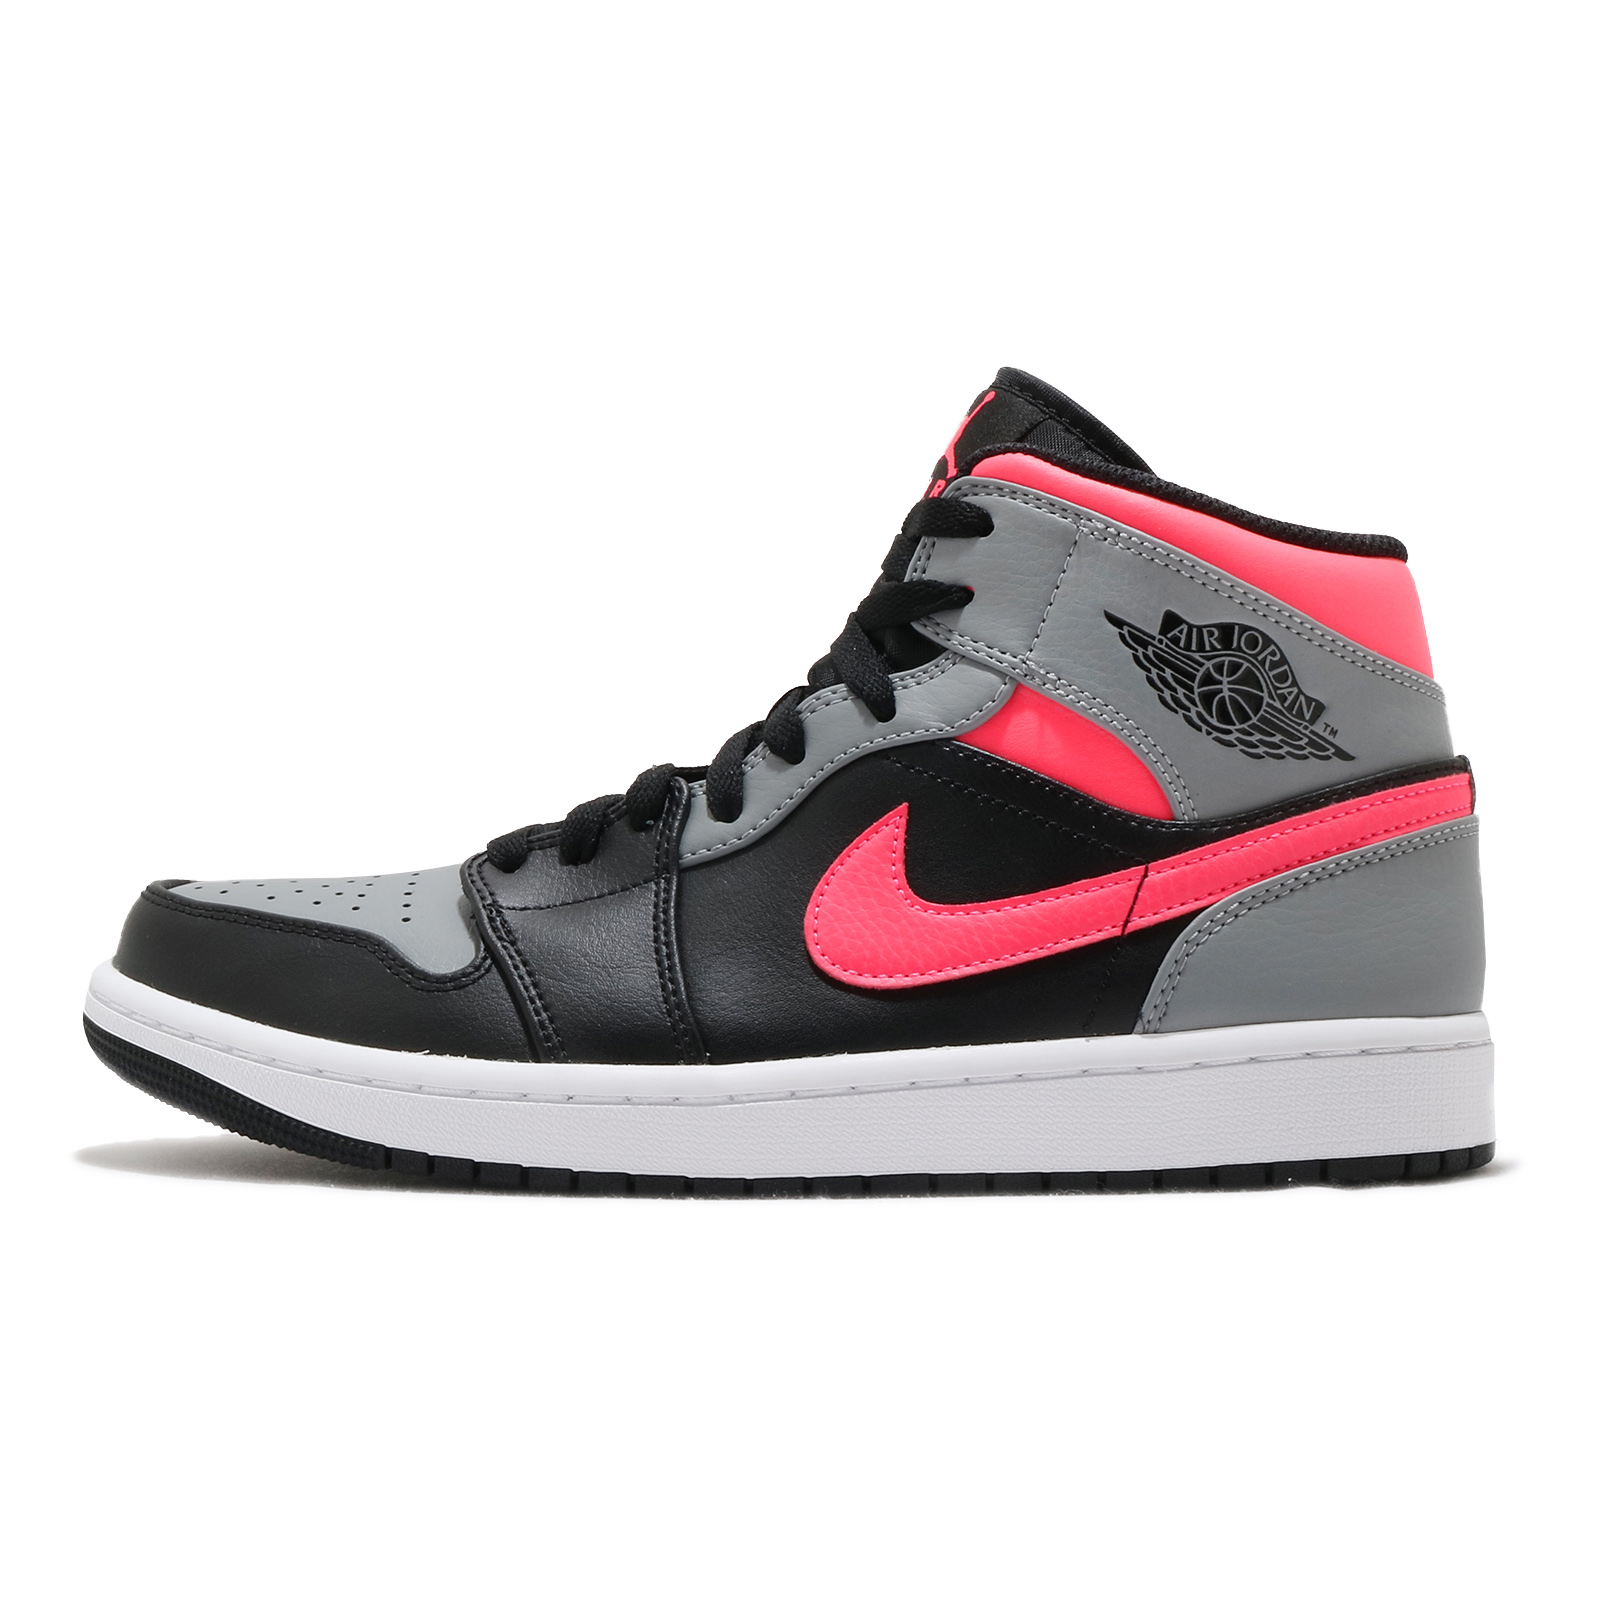 Nike Air Jordan 1 Mid 黑 灰 粉紅 Pink Shadow 男鞋【ACS】 554724-059